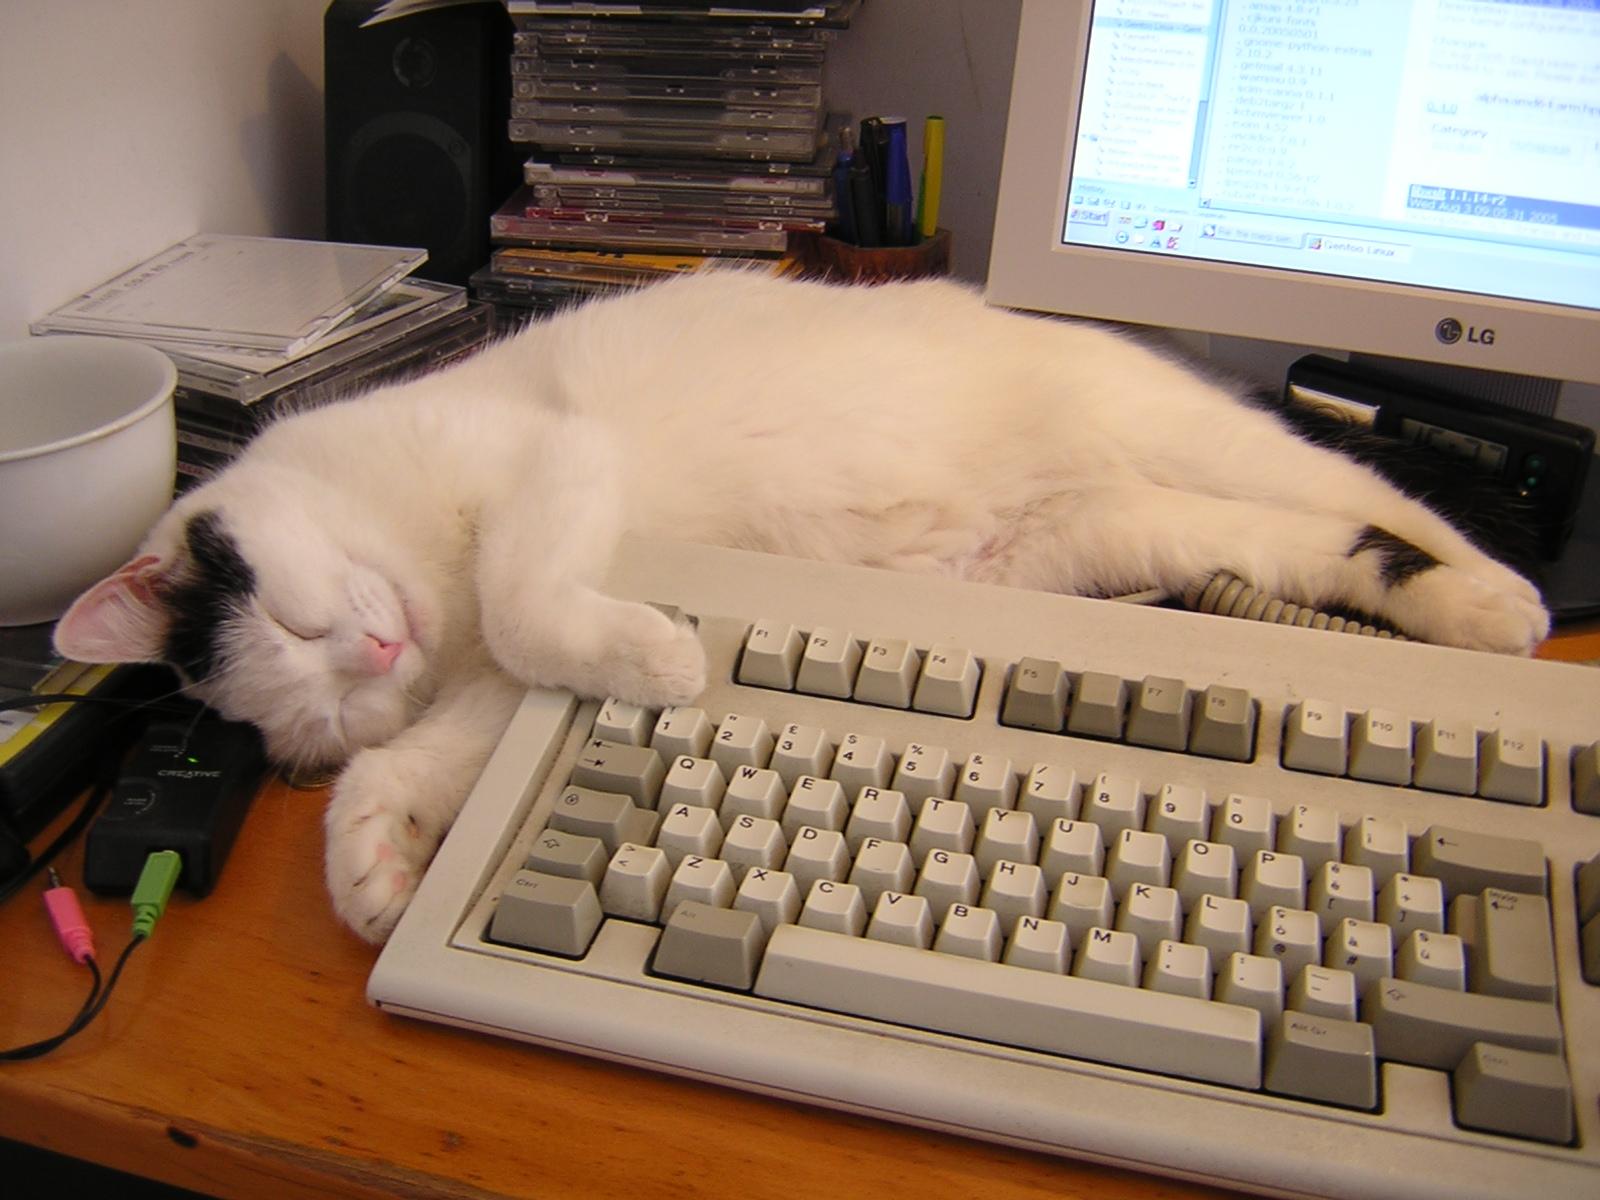 Sheila_the_PC_cat.jpg